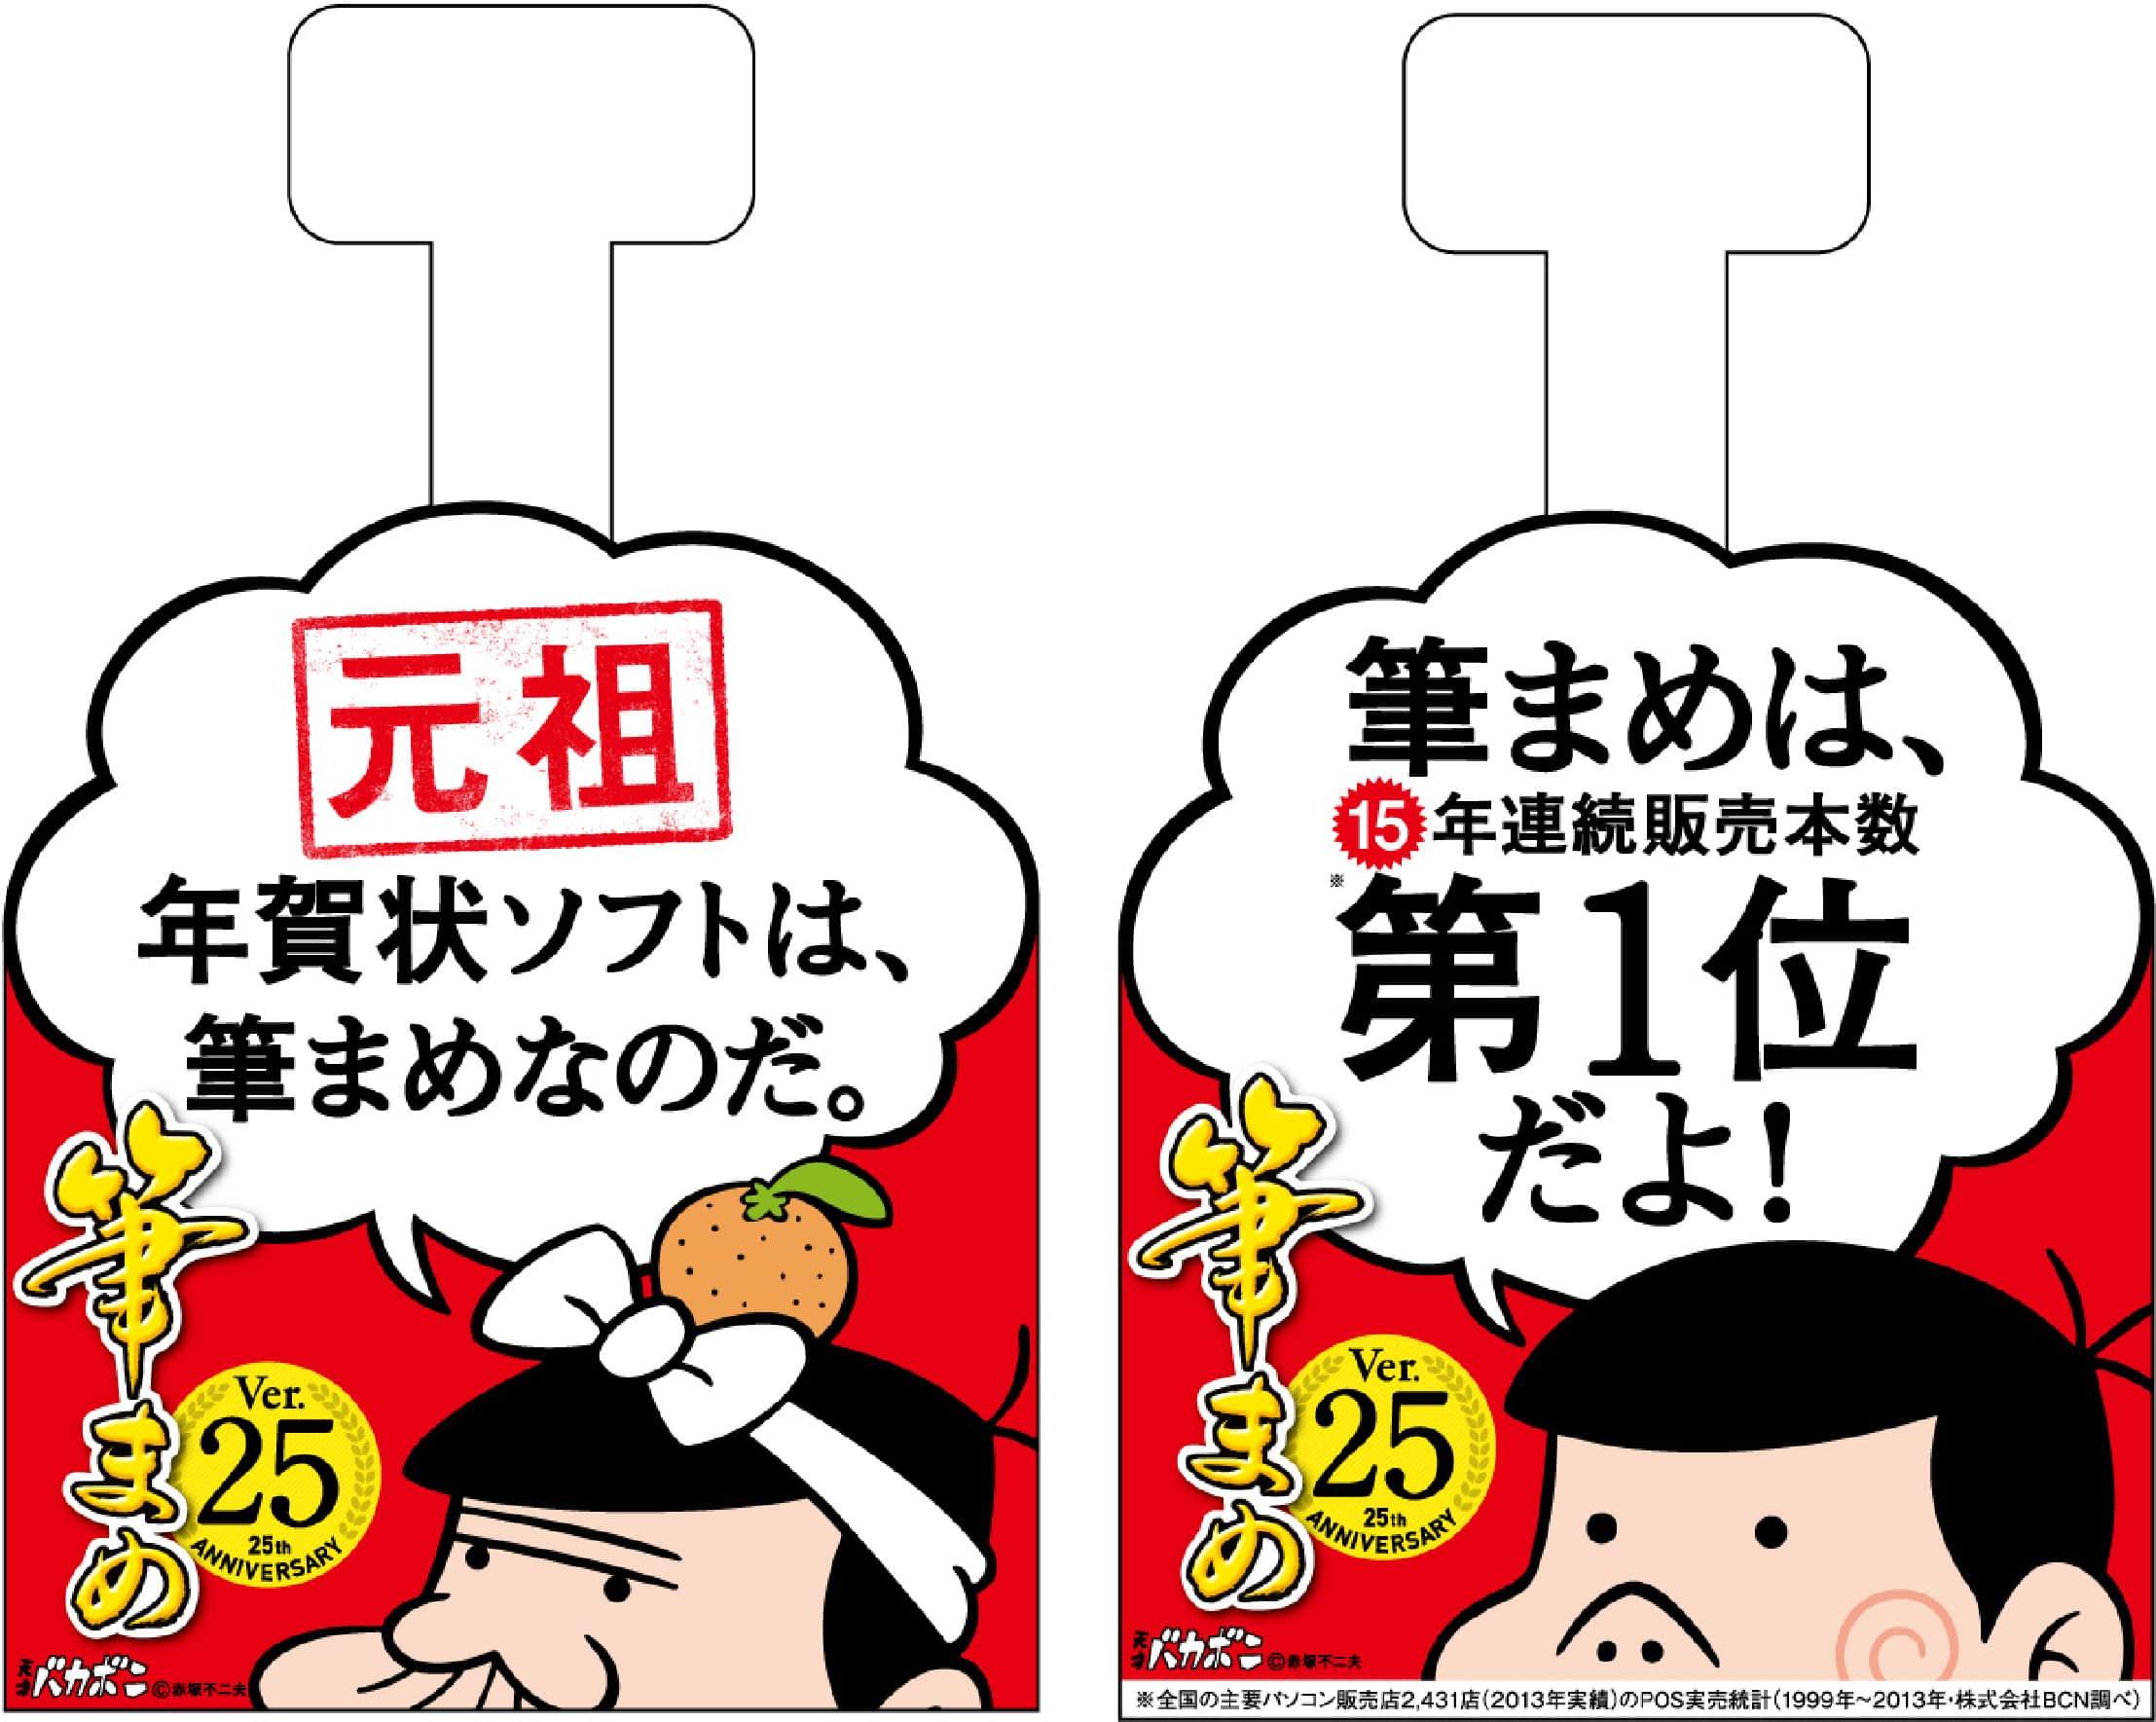 FUDEMAME-店頭用ポップデザイン